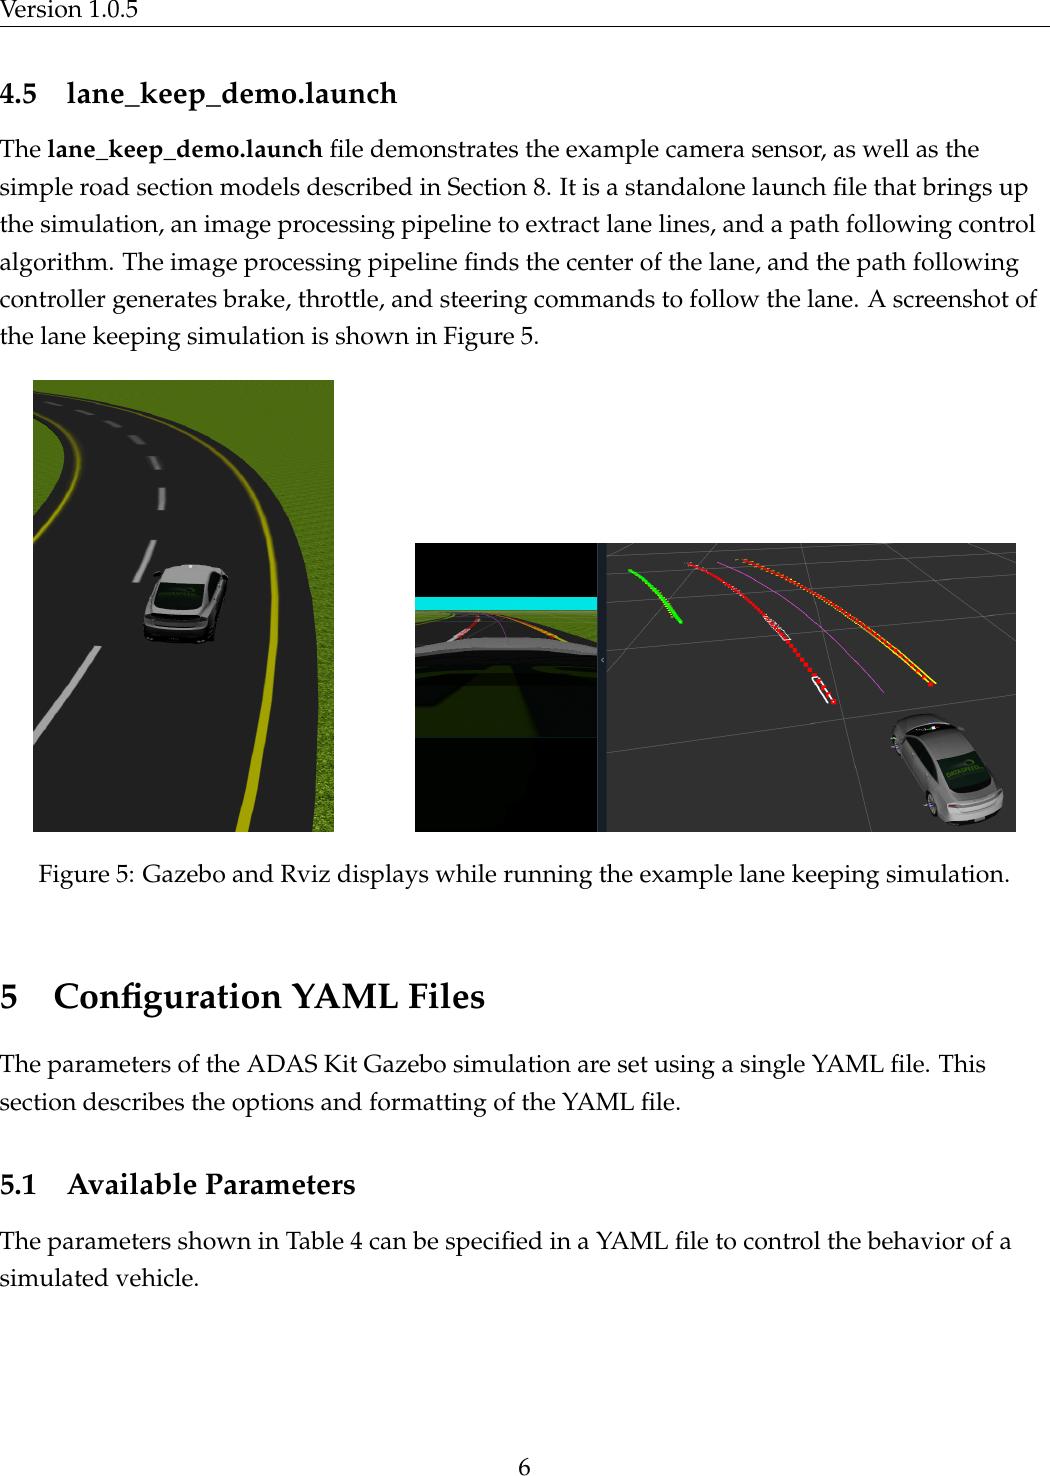 Simulator Manual V1 0 5